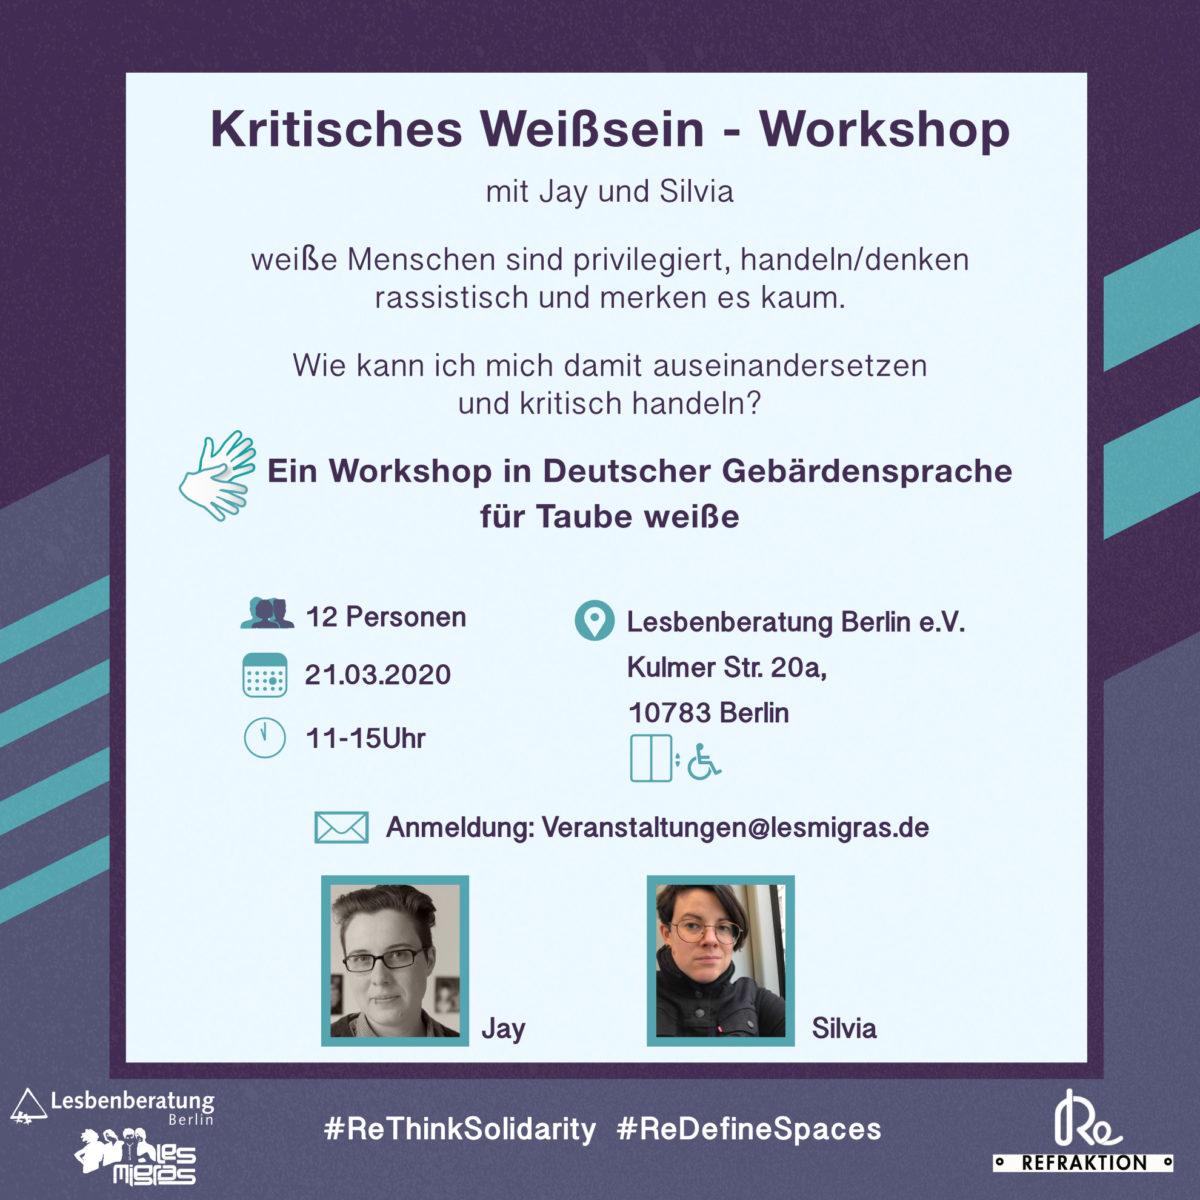 kritisches_weißsein_Workshop